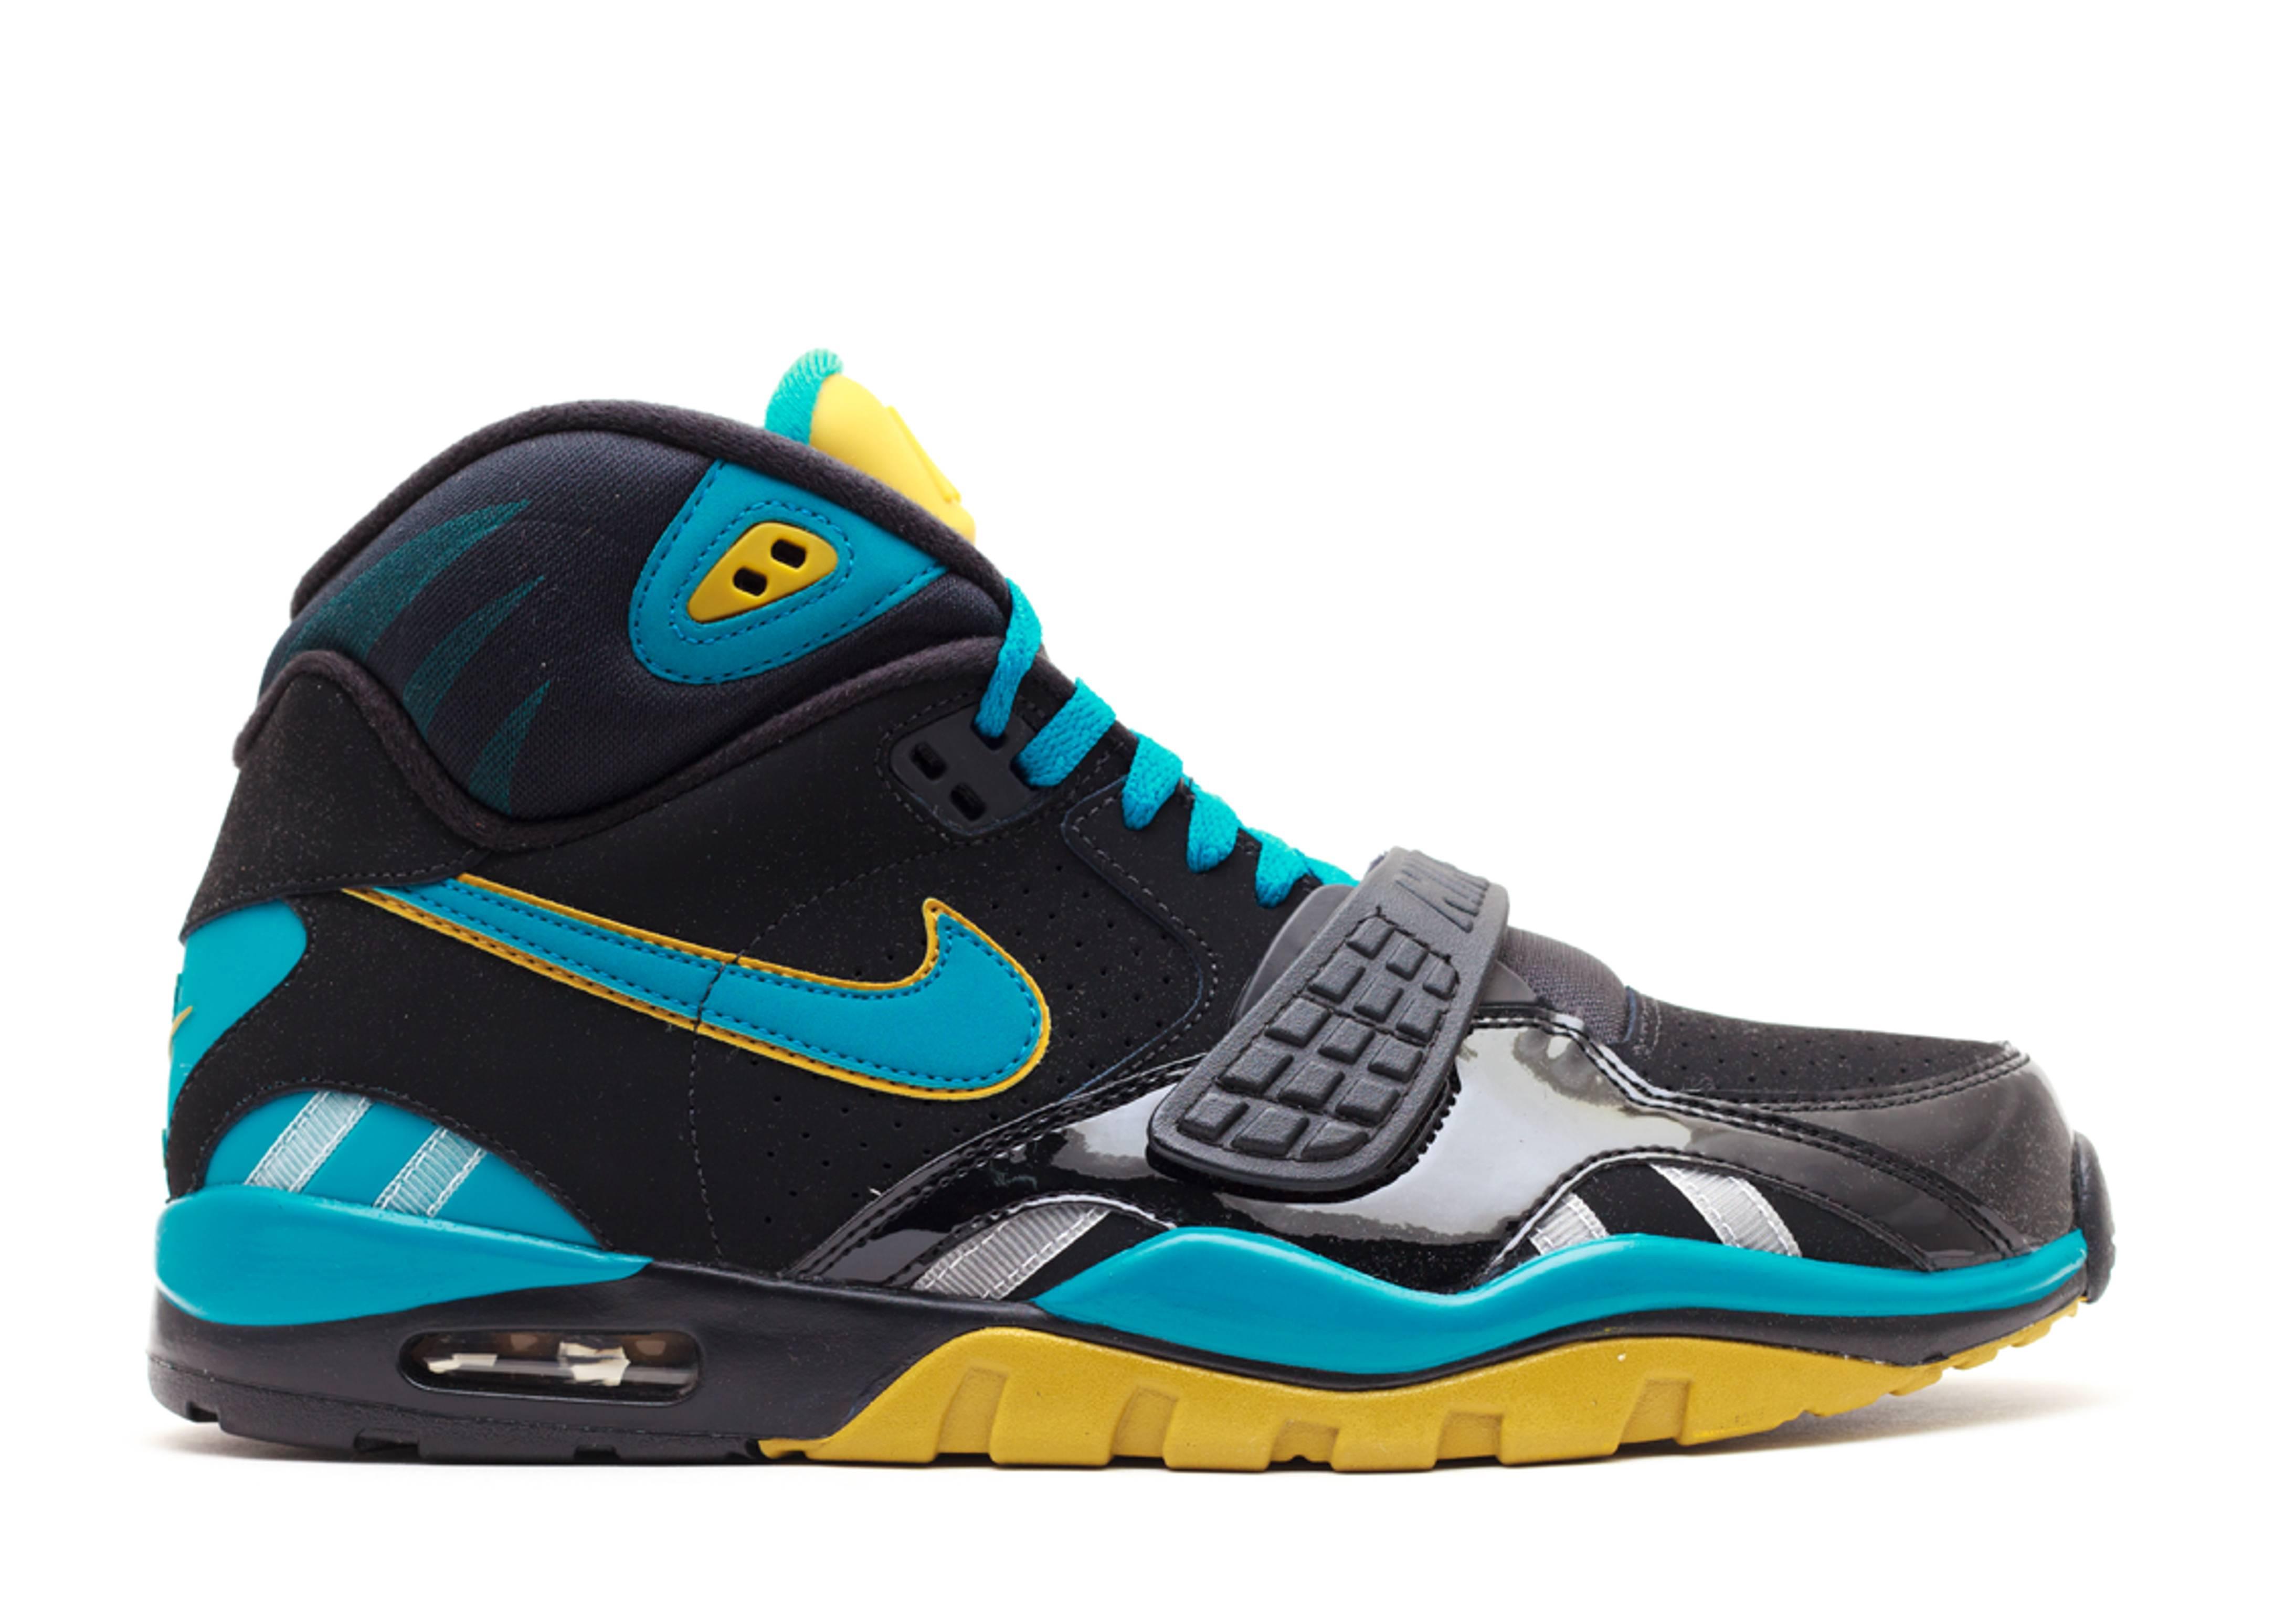 Air Trainer Sc 2 Qs nfl quot;jaguarsquot;  Nike  614640 001  black/blstryoch jacksonville